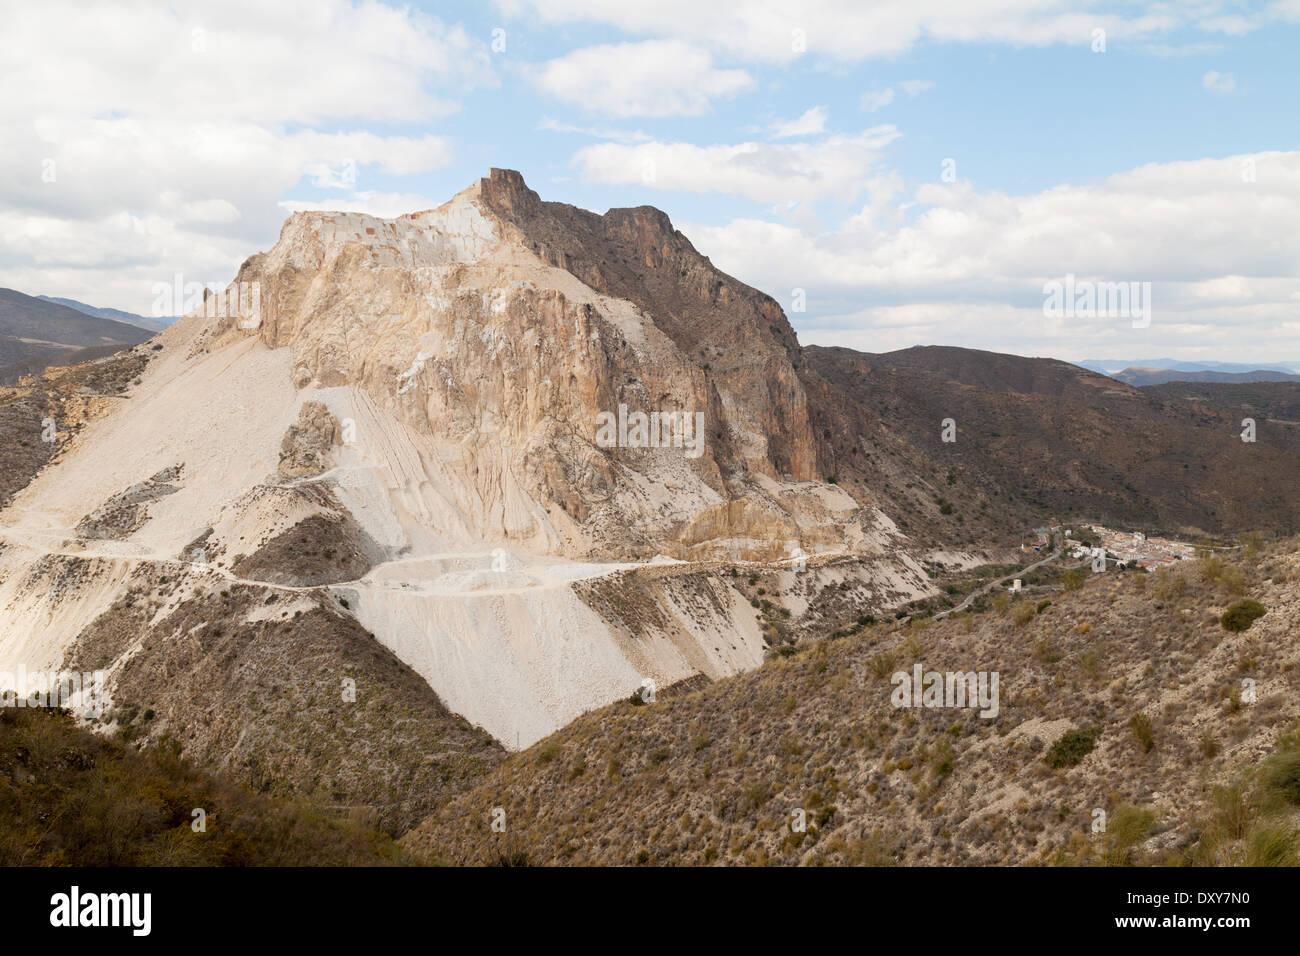 Une mine de marbre blanc sur une montagne dans la Sierra de los Fibrales, par la ville de Cobdar, Andalousie Espagne Europe Photo Stock